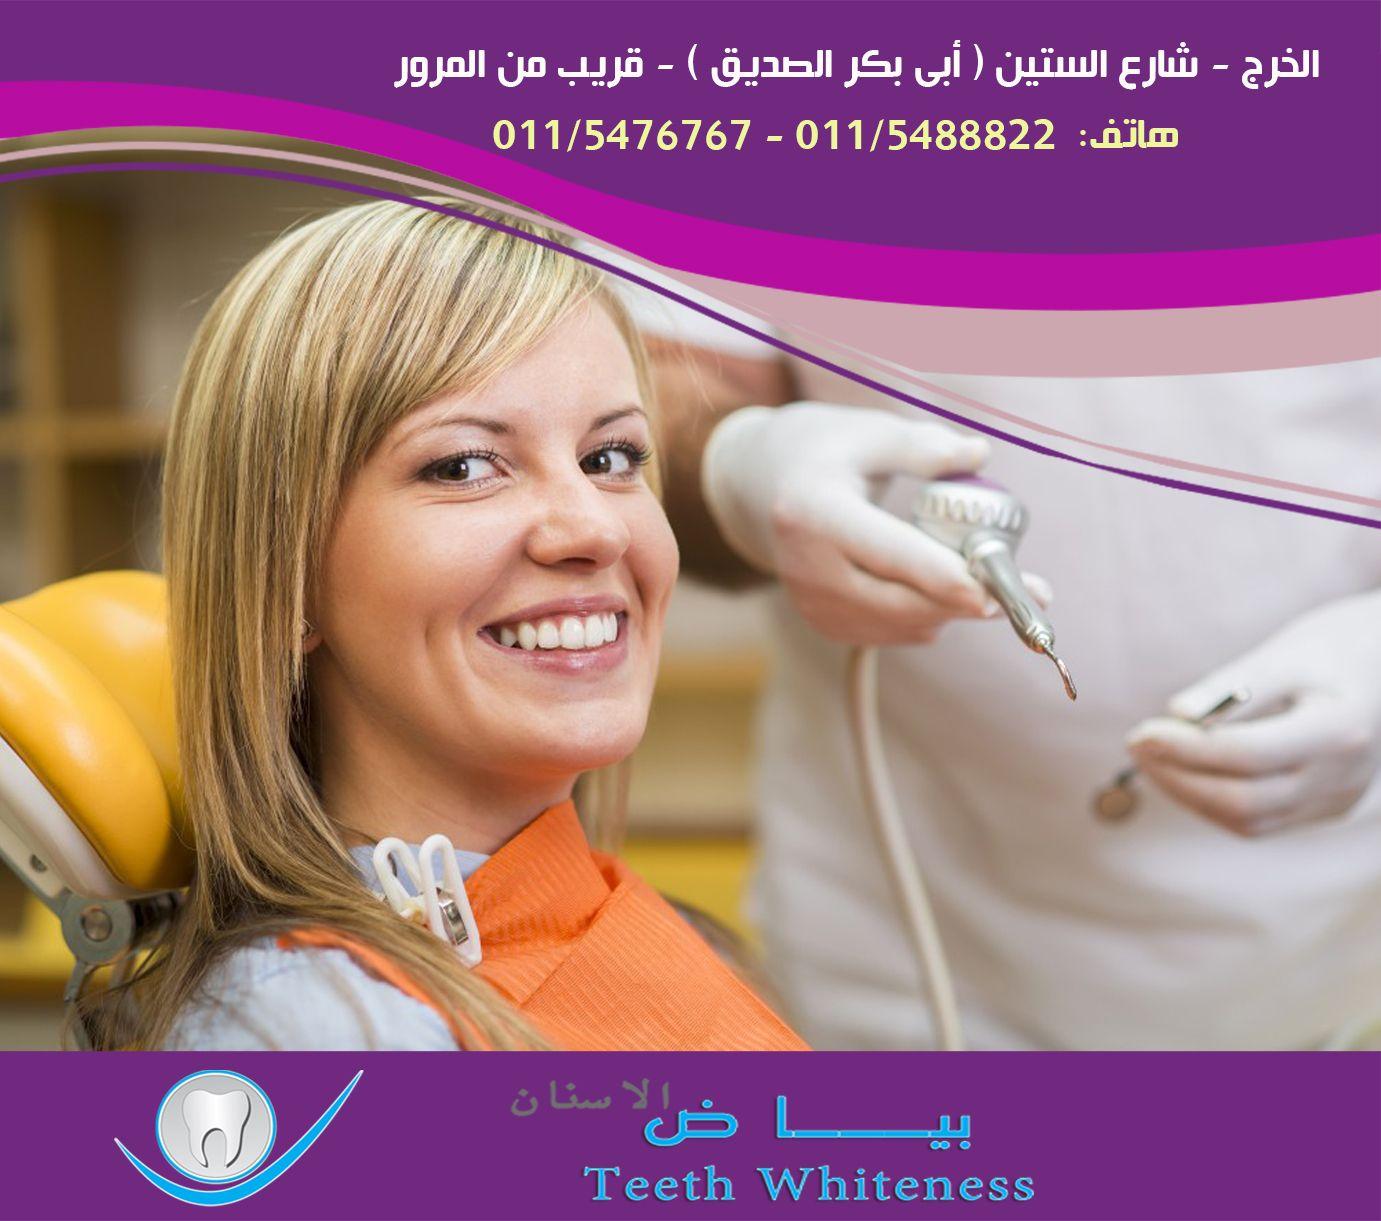 يوجد طرق لعلاج اللثة علاج التهاب اللثة بإزالة تراكم البلاك والجير باستخدام أجهزة طبية خاصة وفائدة العلاج أنه يمنع تق Dentistry General Dentistry Invisalign